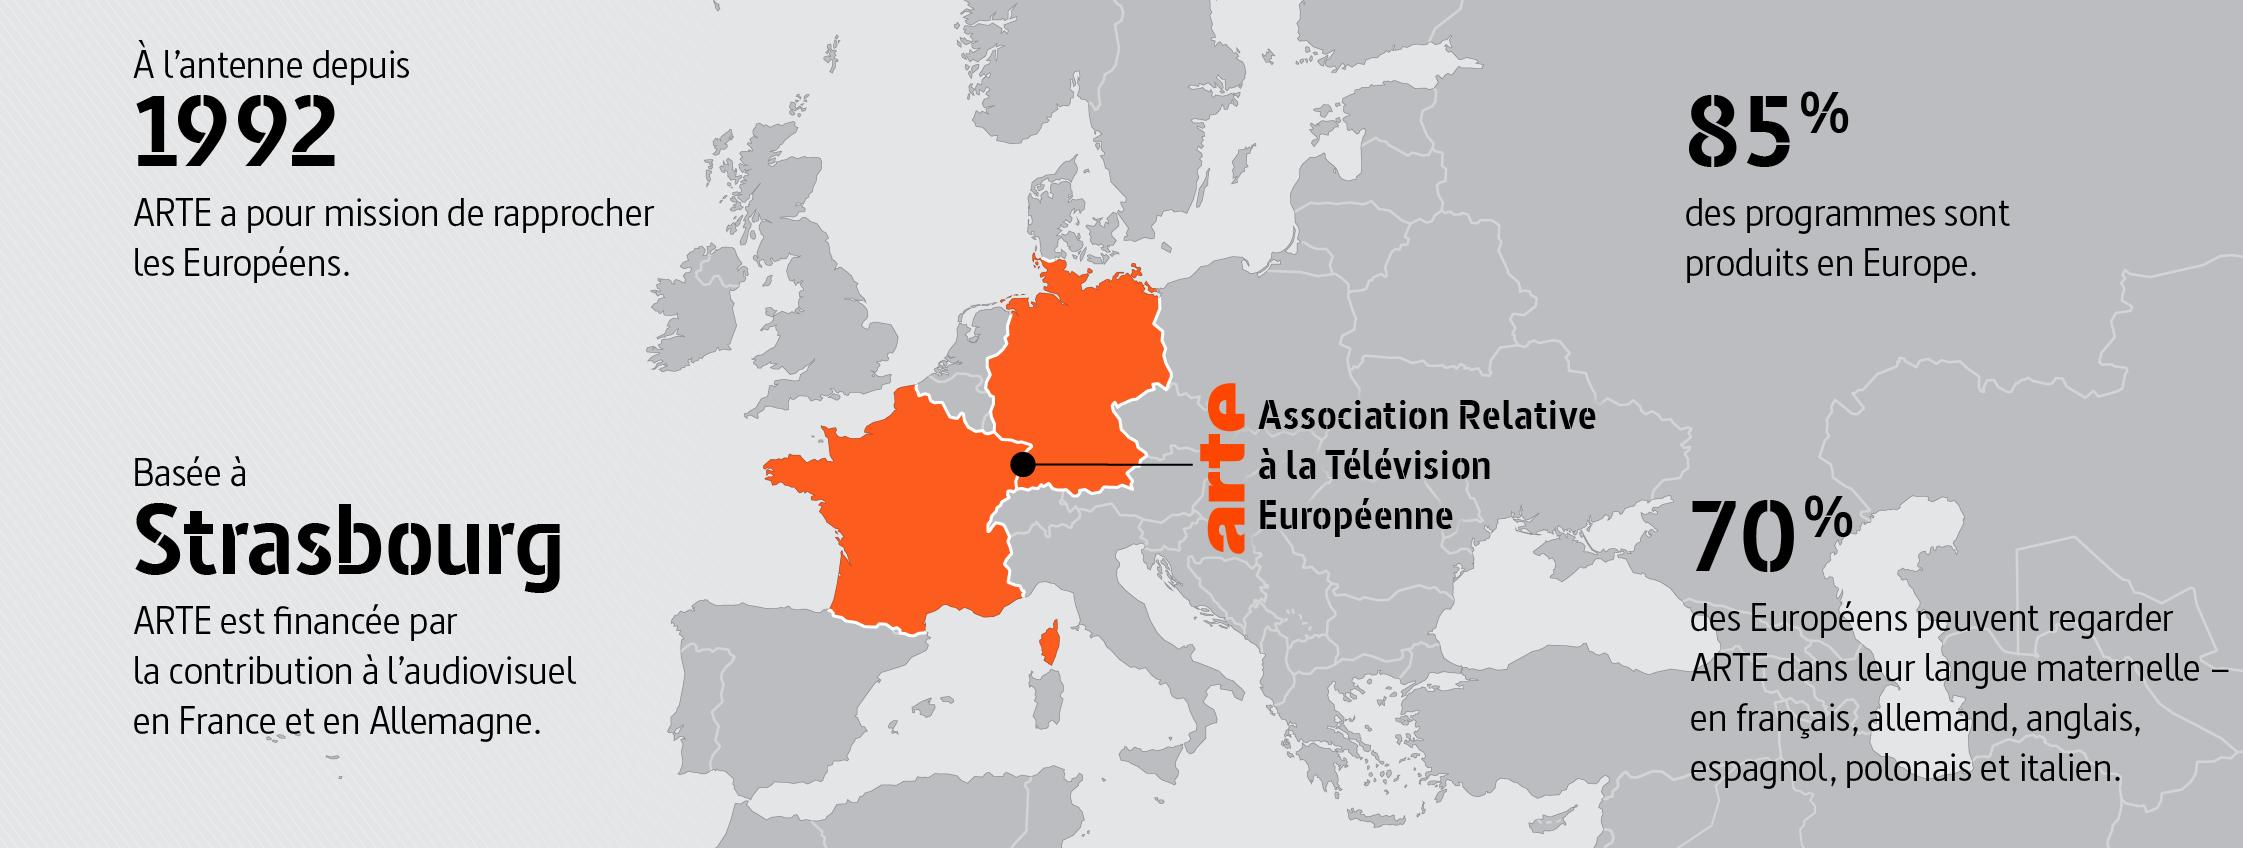 ARTE: Association relative à la télévision européenne. À l'antenne depuis 1992, ARTE a pour mission de rapprocher les Européens. Basée à Strasbourg, ARTE est financée par la contribution à l'audiovisuel en France et en Allemagne. 85 % des programmes sont produits en Europe. 70 % des Européens peuvent regarder ARTE dans leur langue maternelle – en français, allemand, anglais, espagnol, polonais et italien.